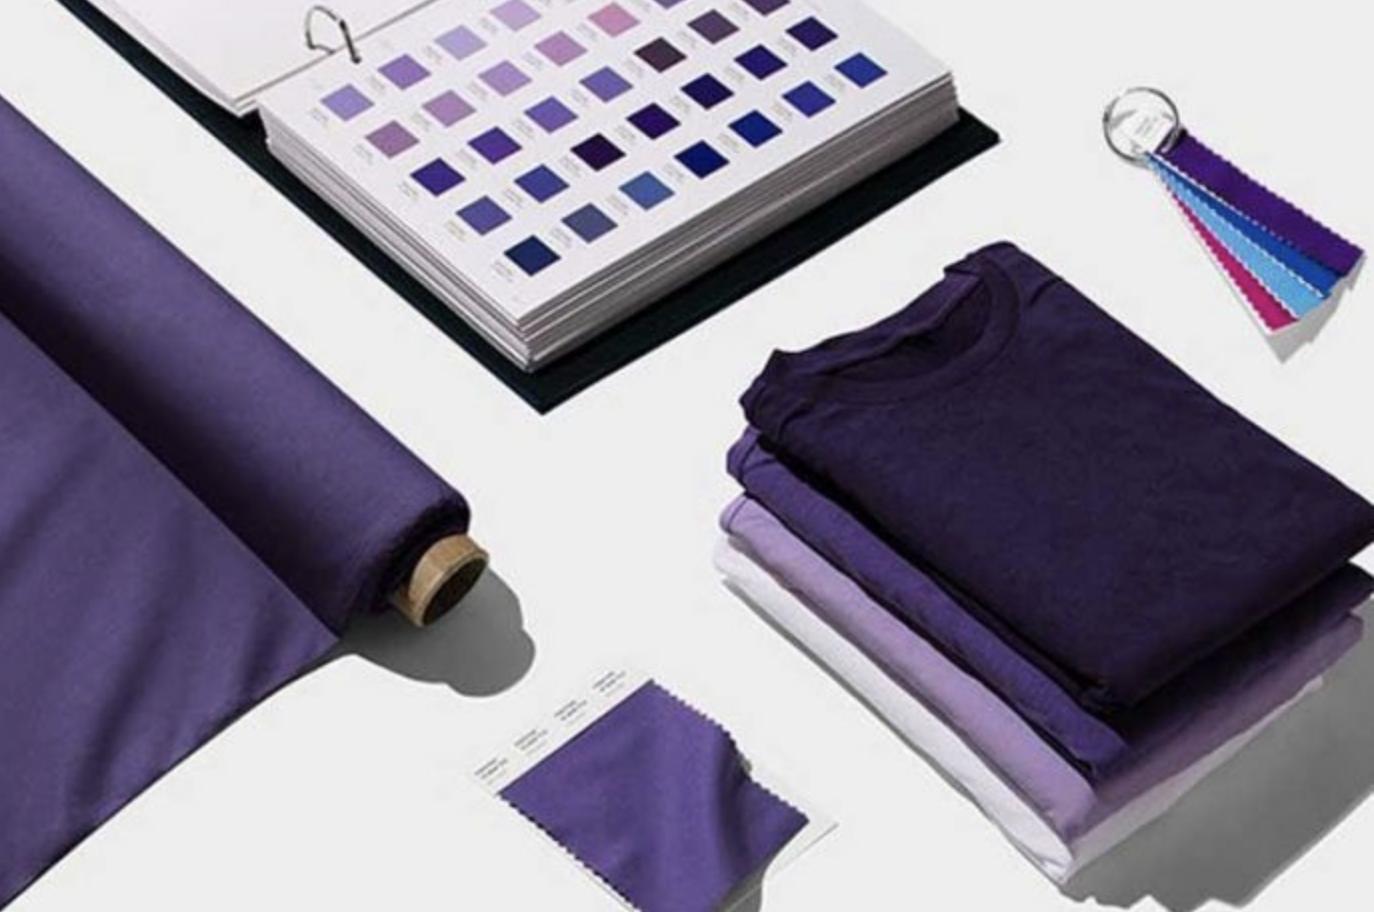 Couleur pantone 2018 violet sur supports